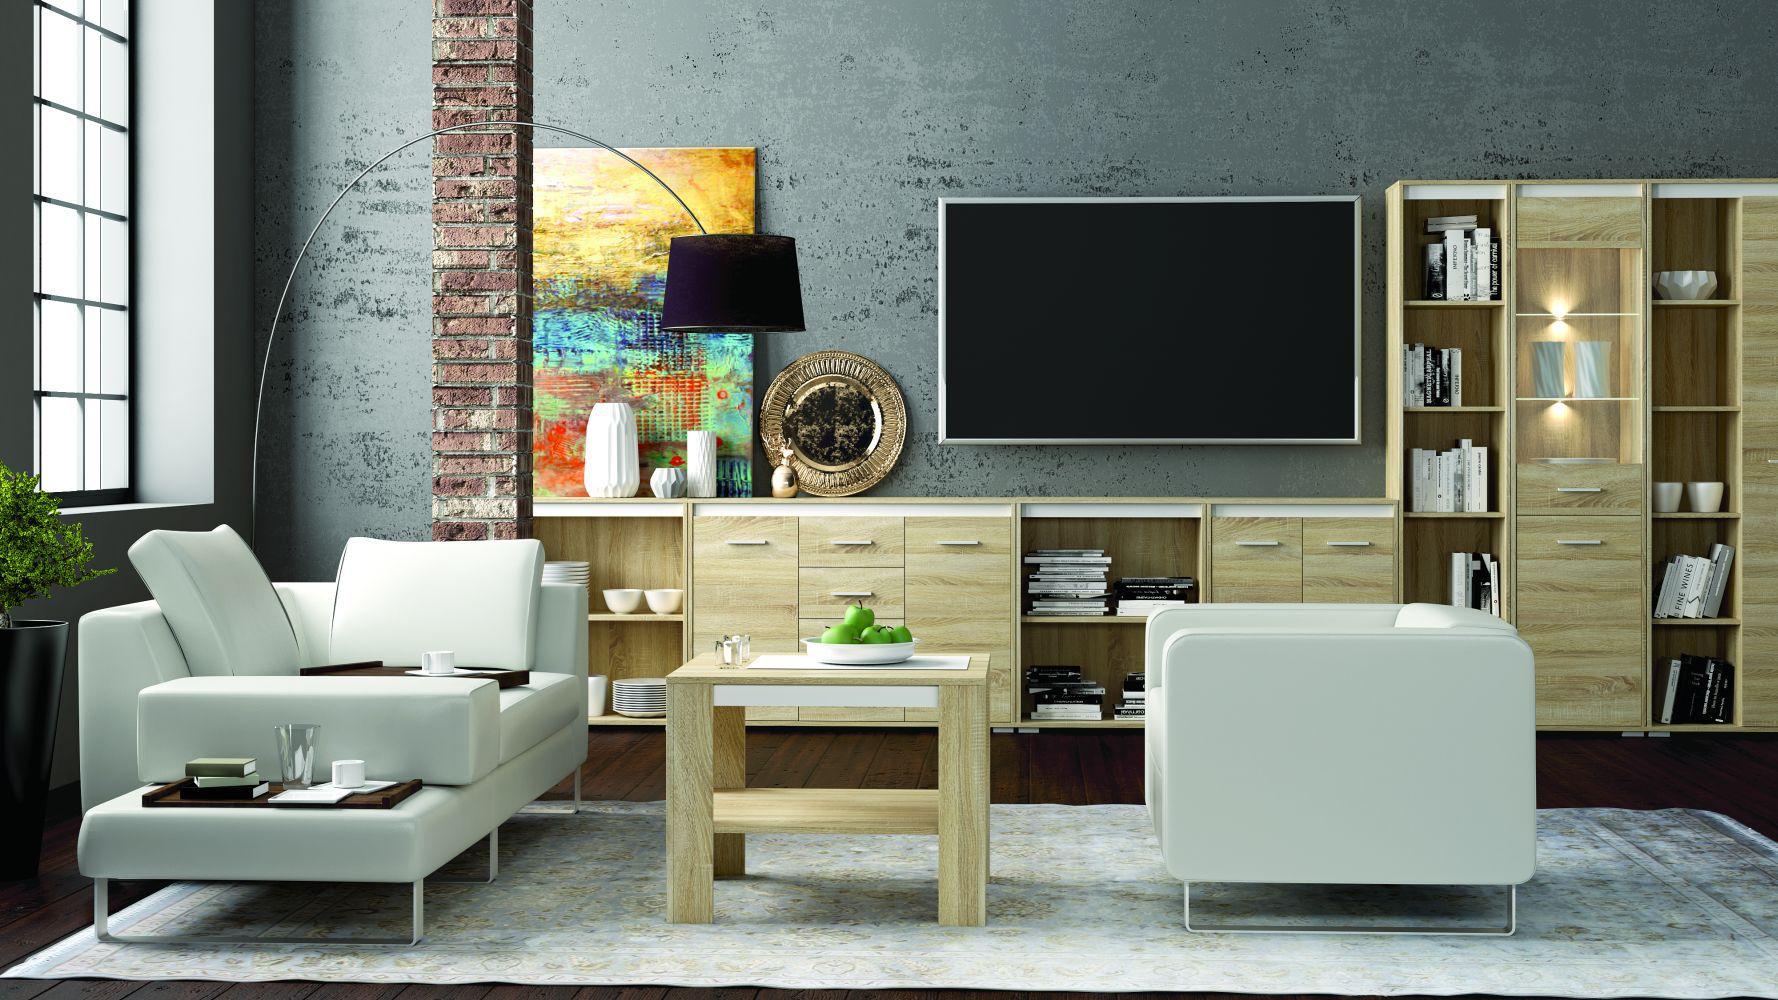 Wohnzimmer Komplett Set A Mochis 8 Teilig Farbe Sonoma Eiche Hell Inklusive 3 Farbeinsatzen